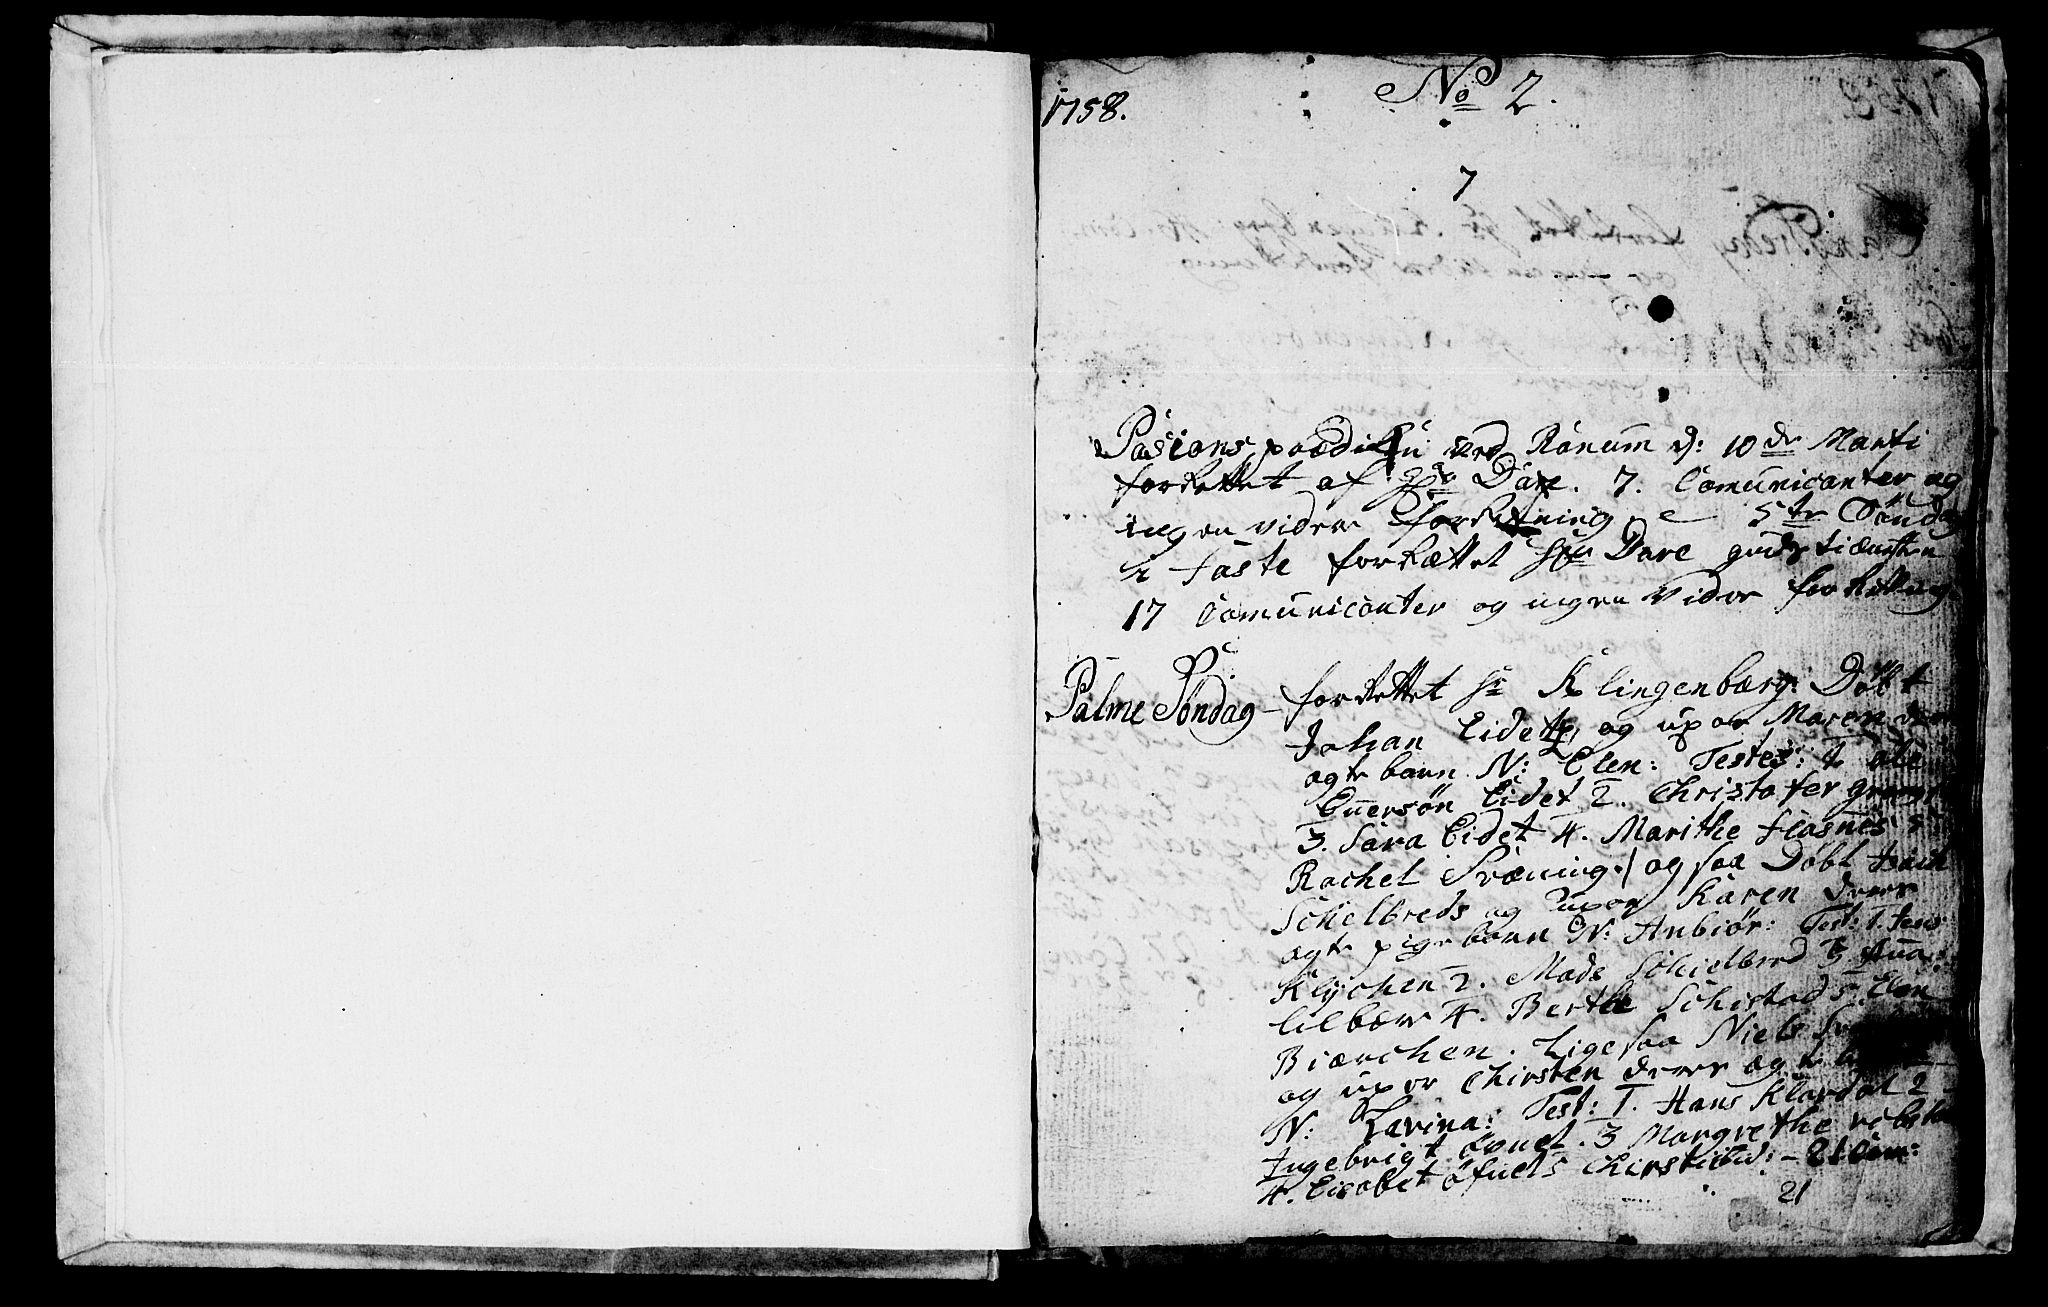 SAT, Ministerialprotokoller, klokkerbøker og fødselsregistre - Nord-Trøndelag, 764/L0543: Ministerialbok nr. 764A03, 1758-1765, s. 2